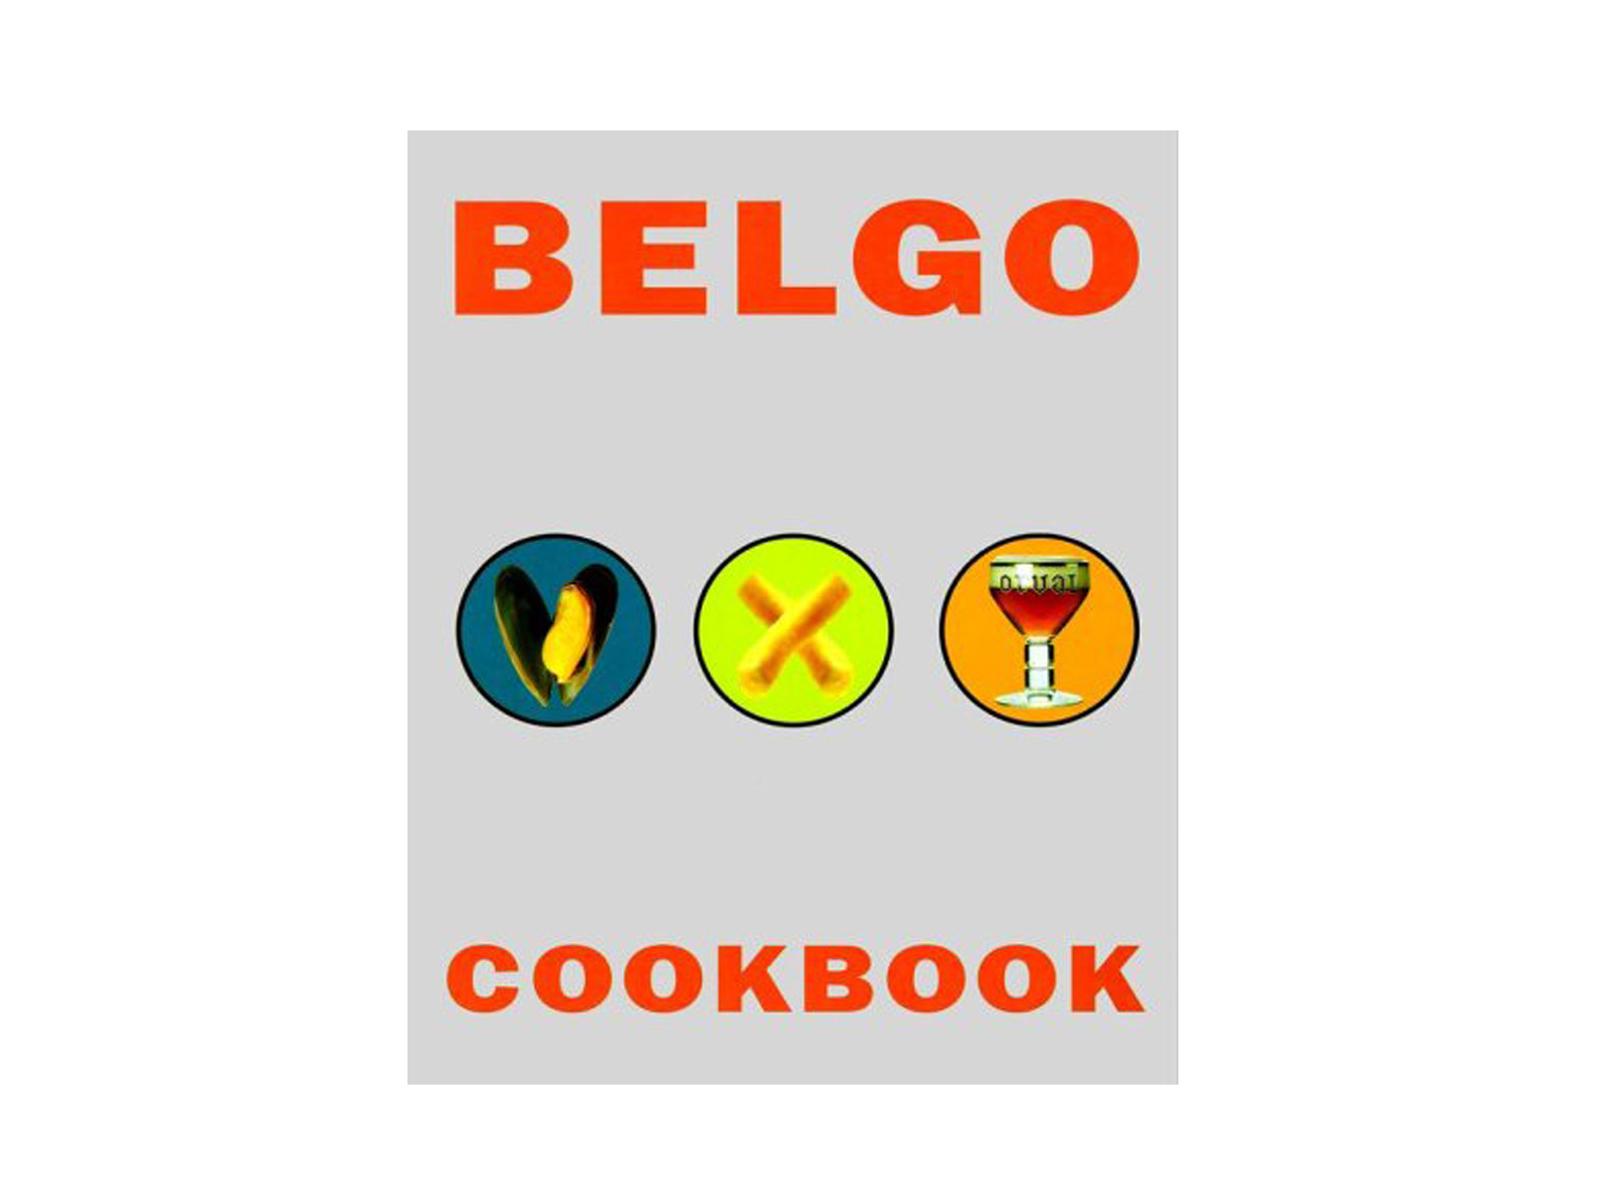 Belgo Cookbook